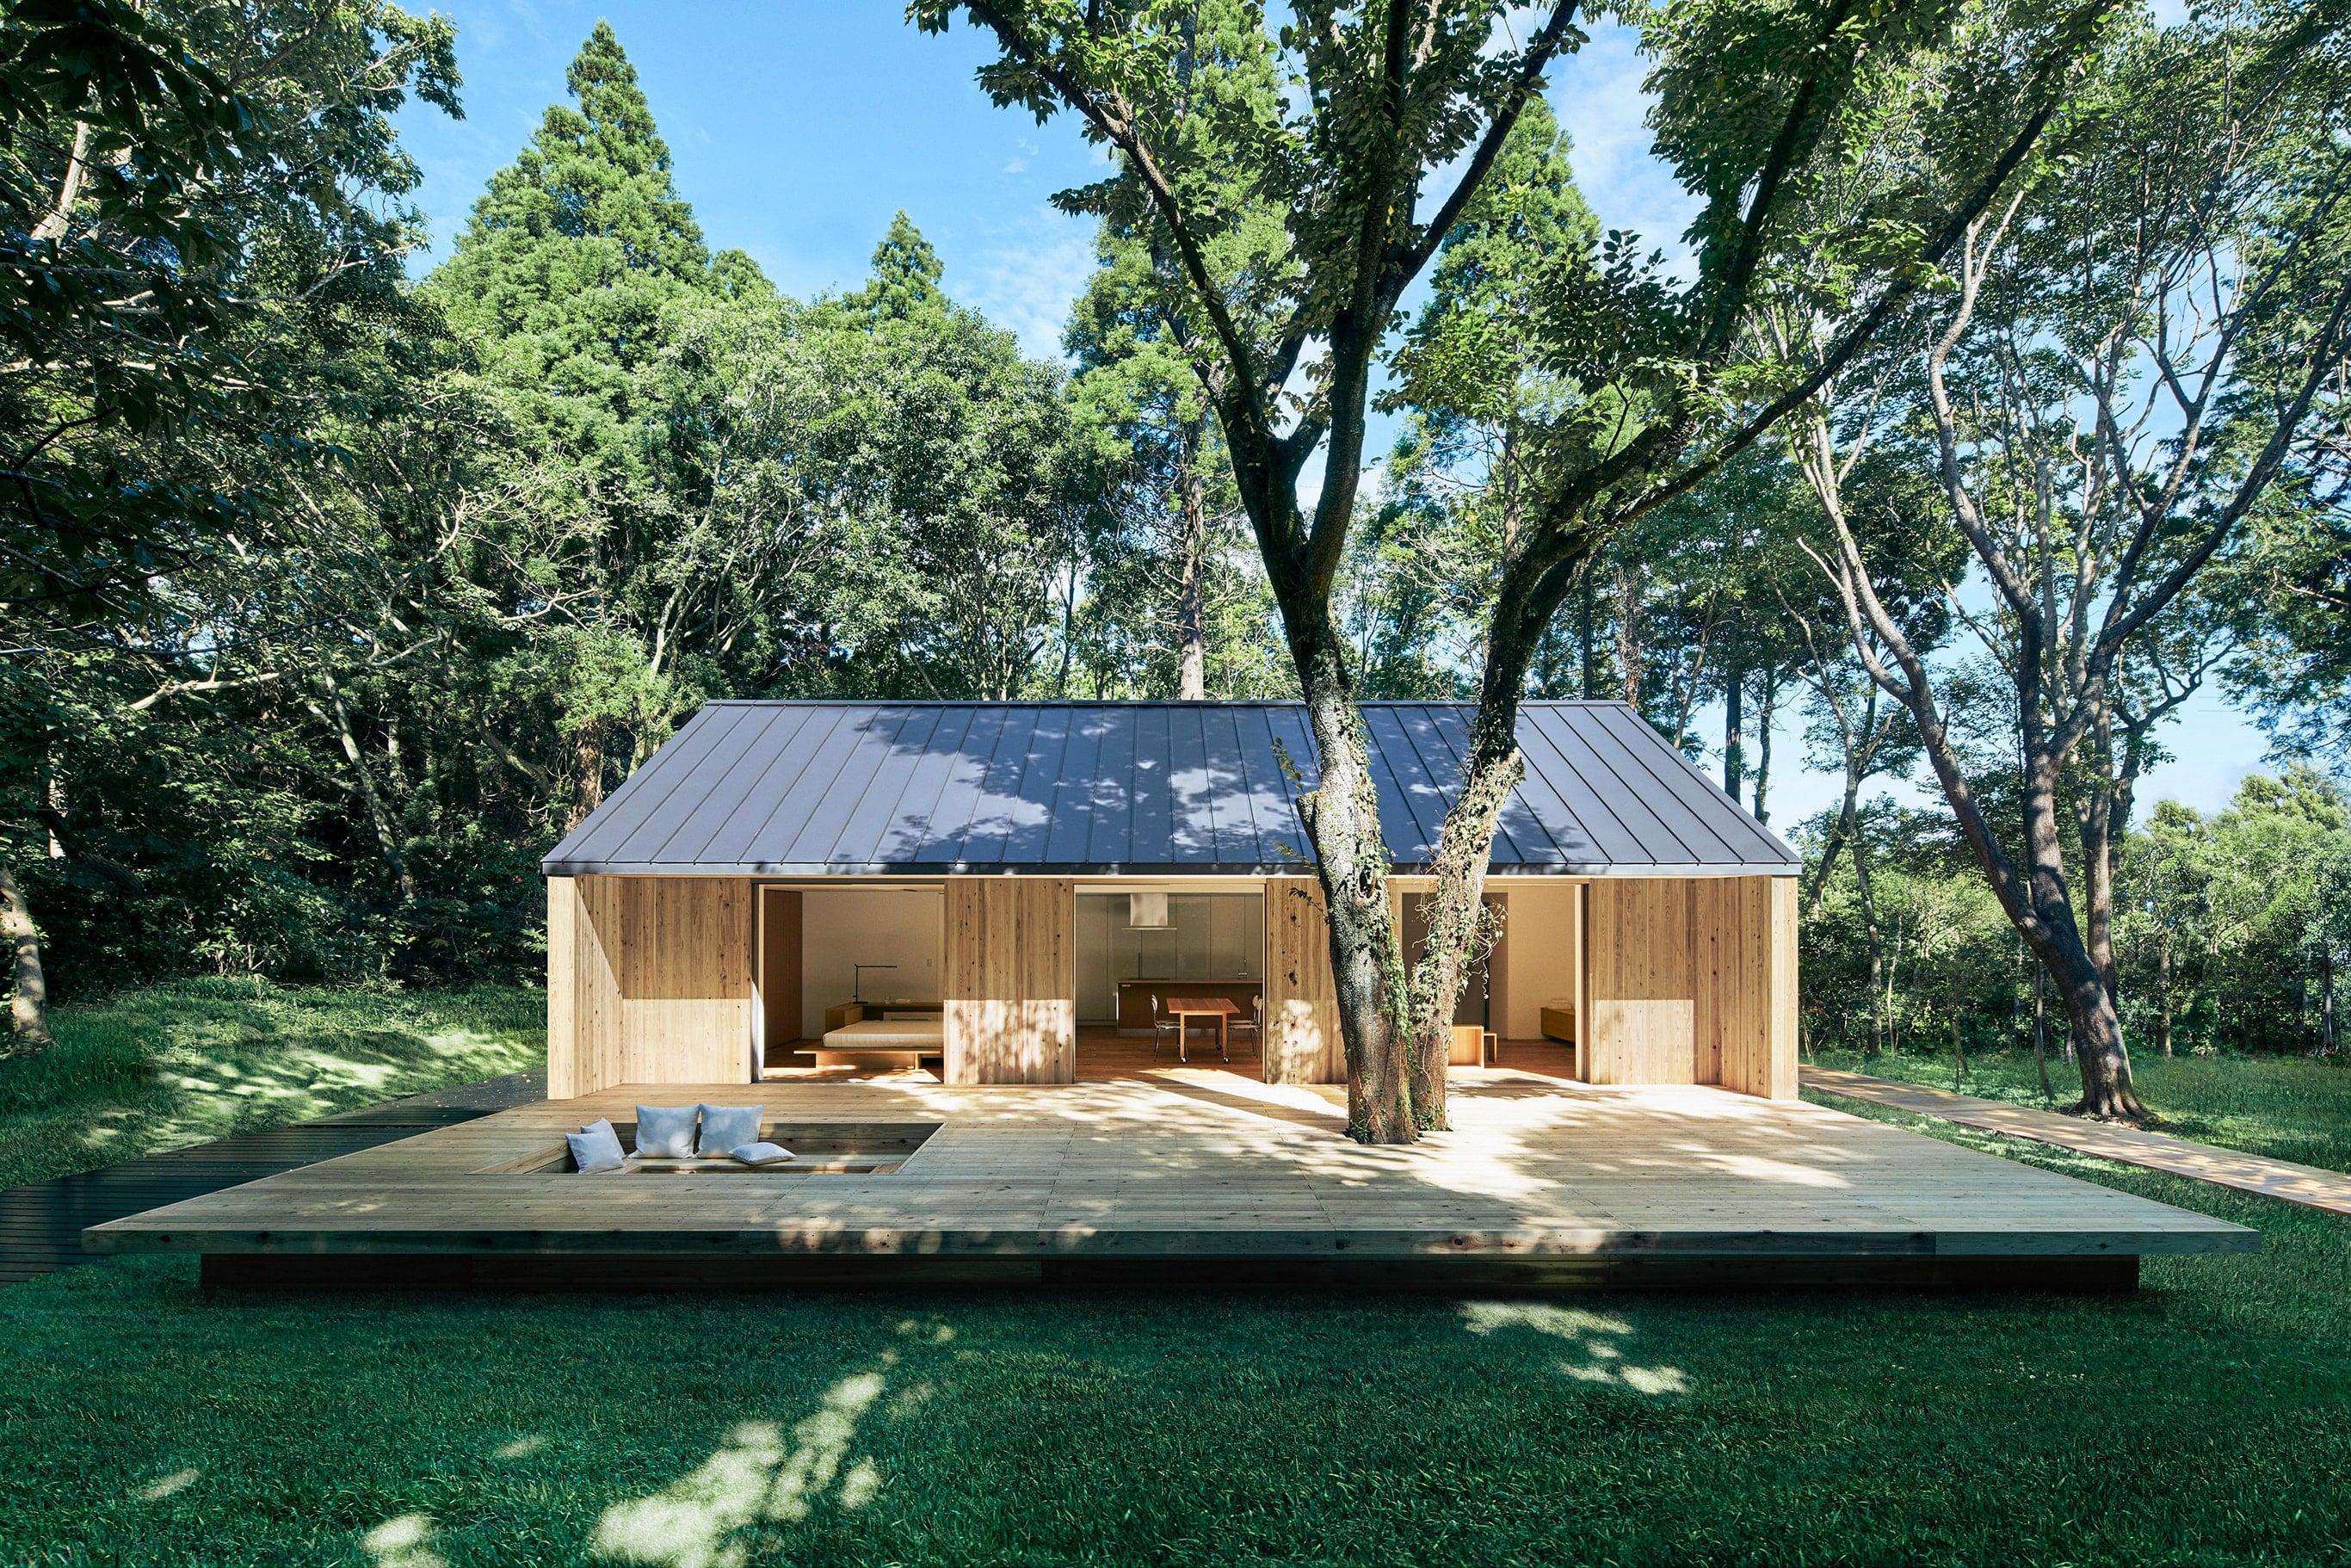 MUJI HOUSE初の平屋建て「陽の家」は、外壁に国産杉材の木製サイディングを標準設定。自然に溶け込むデザインとなっている。